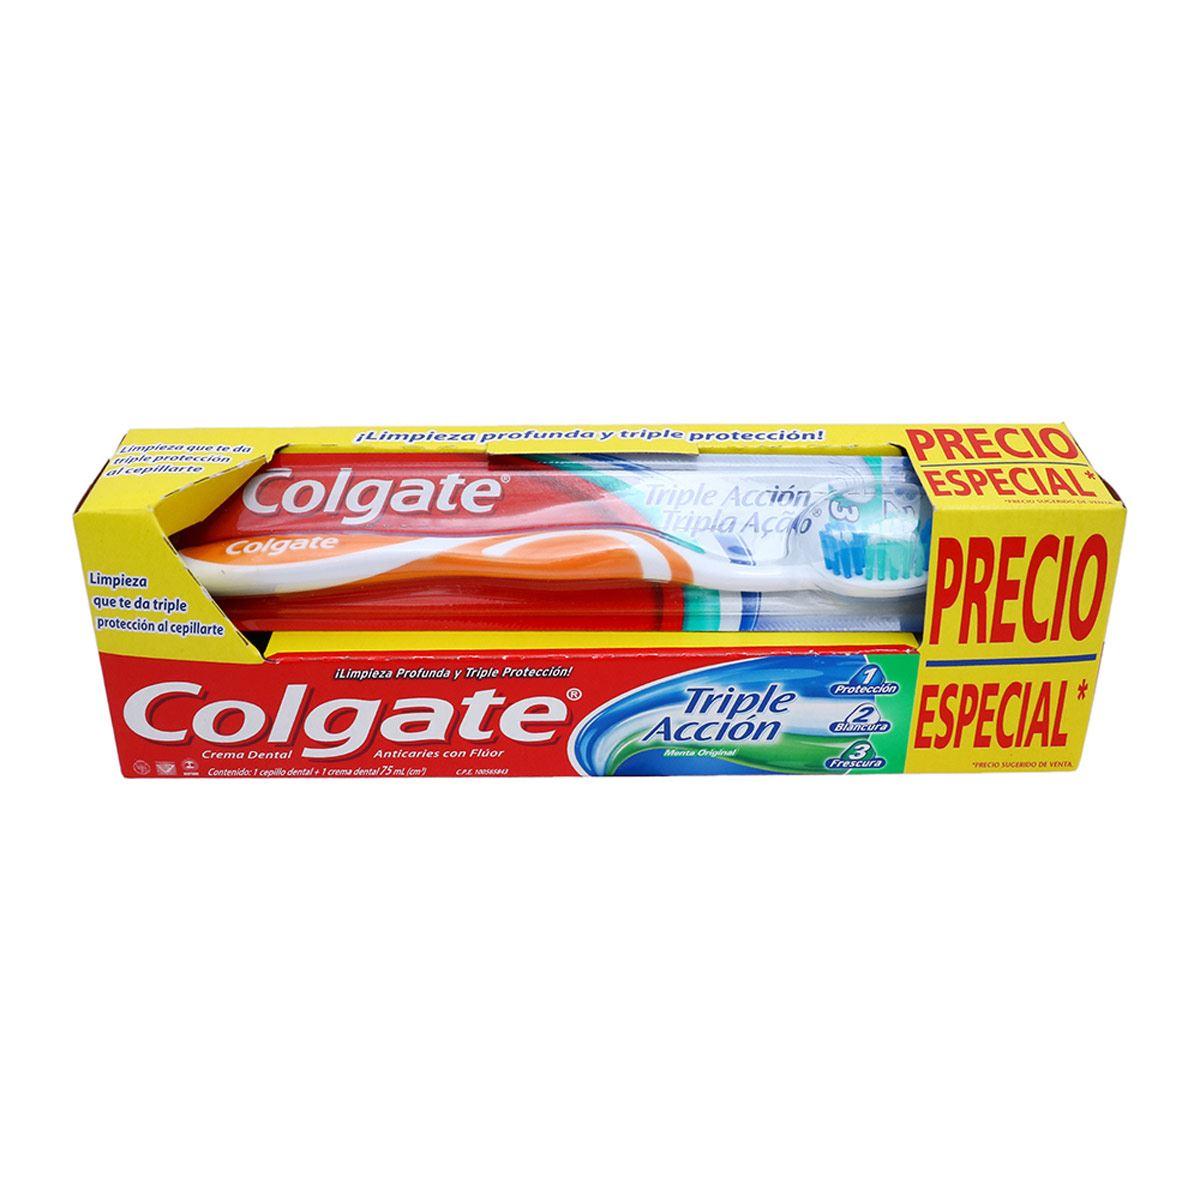 Cepillo Dental Colgate + Crema Denta Triple Acción